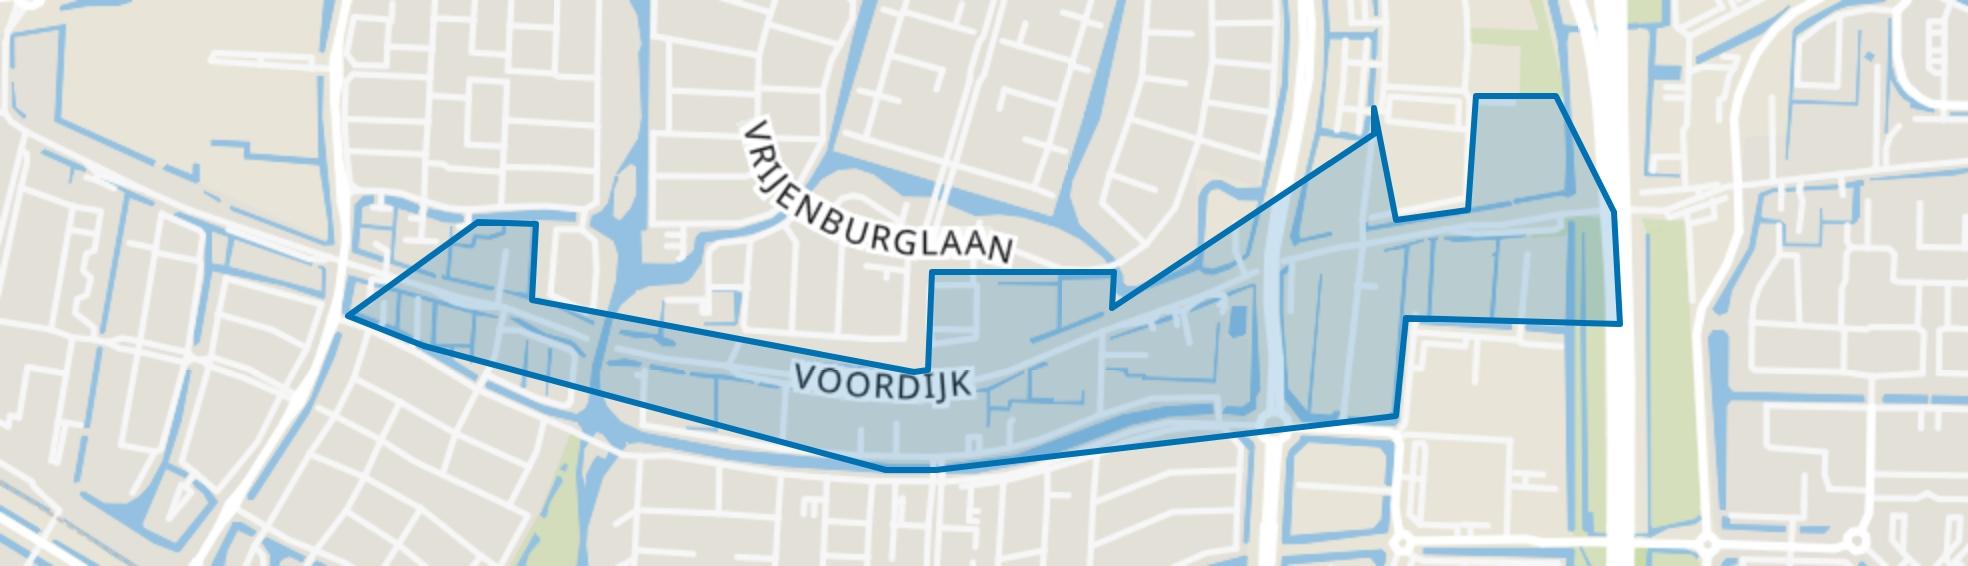 Voordijk, Barendrecht map